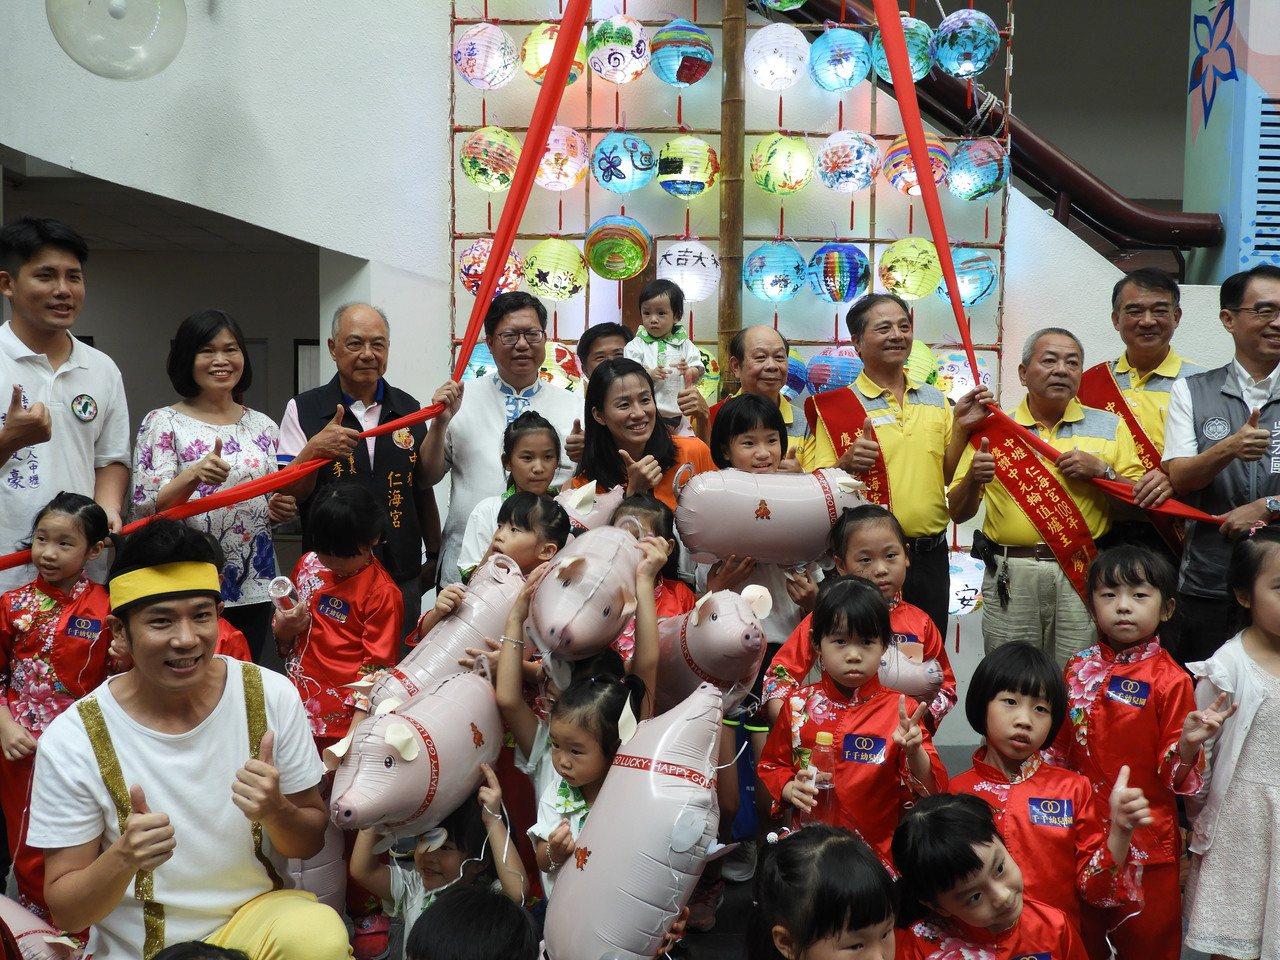 今年中壢區中元慶典藝術節將在8月19日及20日舉行,今年將打造6隻創意大神豬,請...